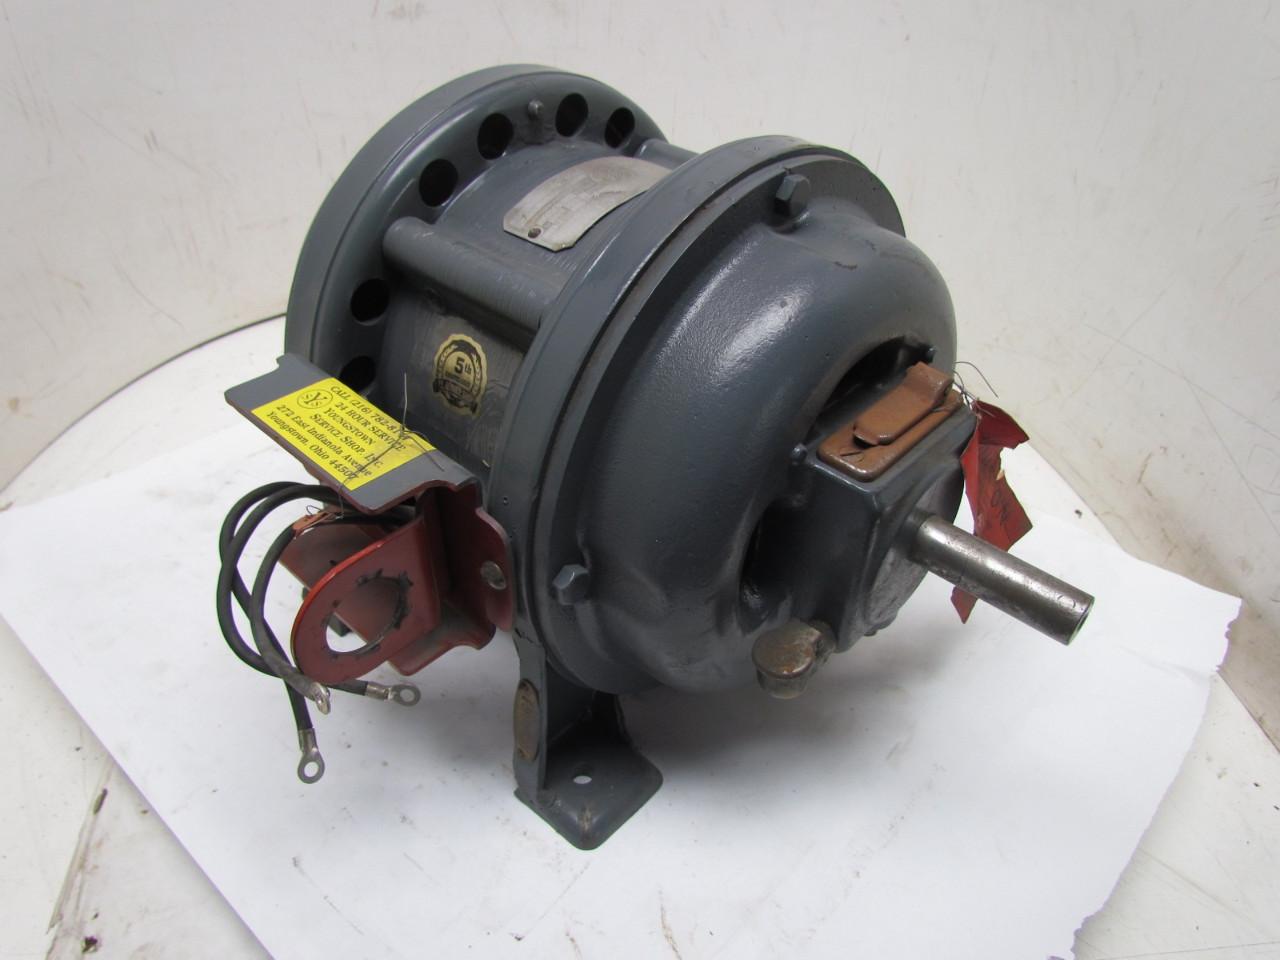 General electric 5k204a1 3ph 1hp 110v vintage motor 1720 for General electric motor company